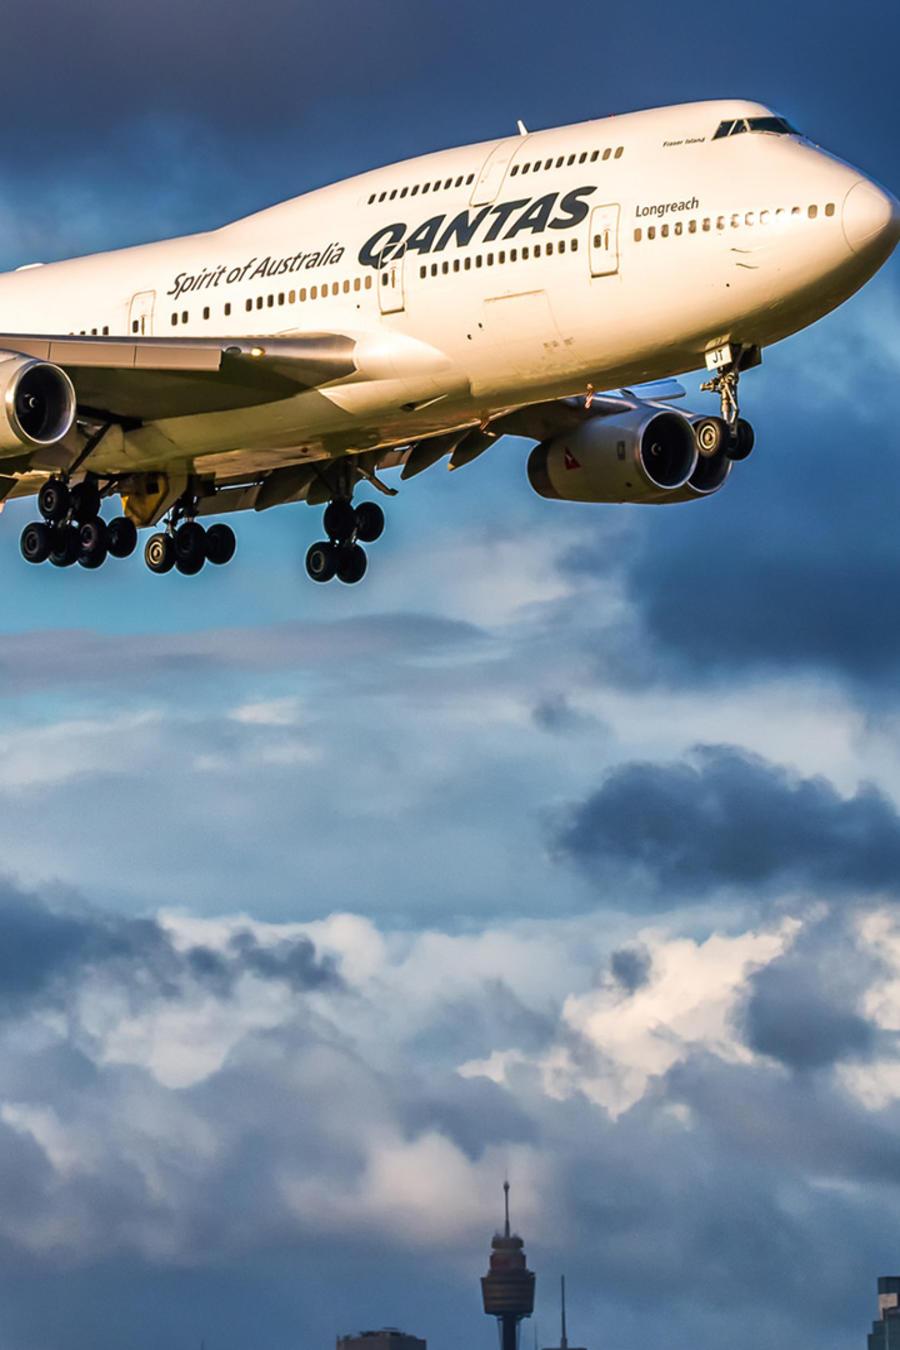 Avión de Qantas sobrevuela Sídney